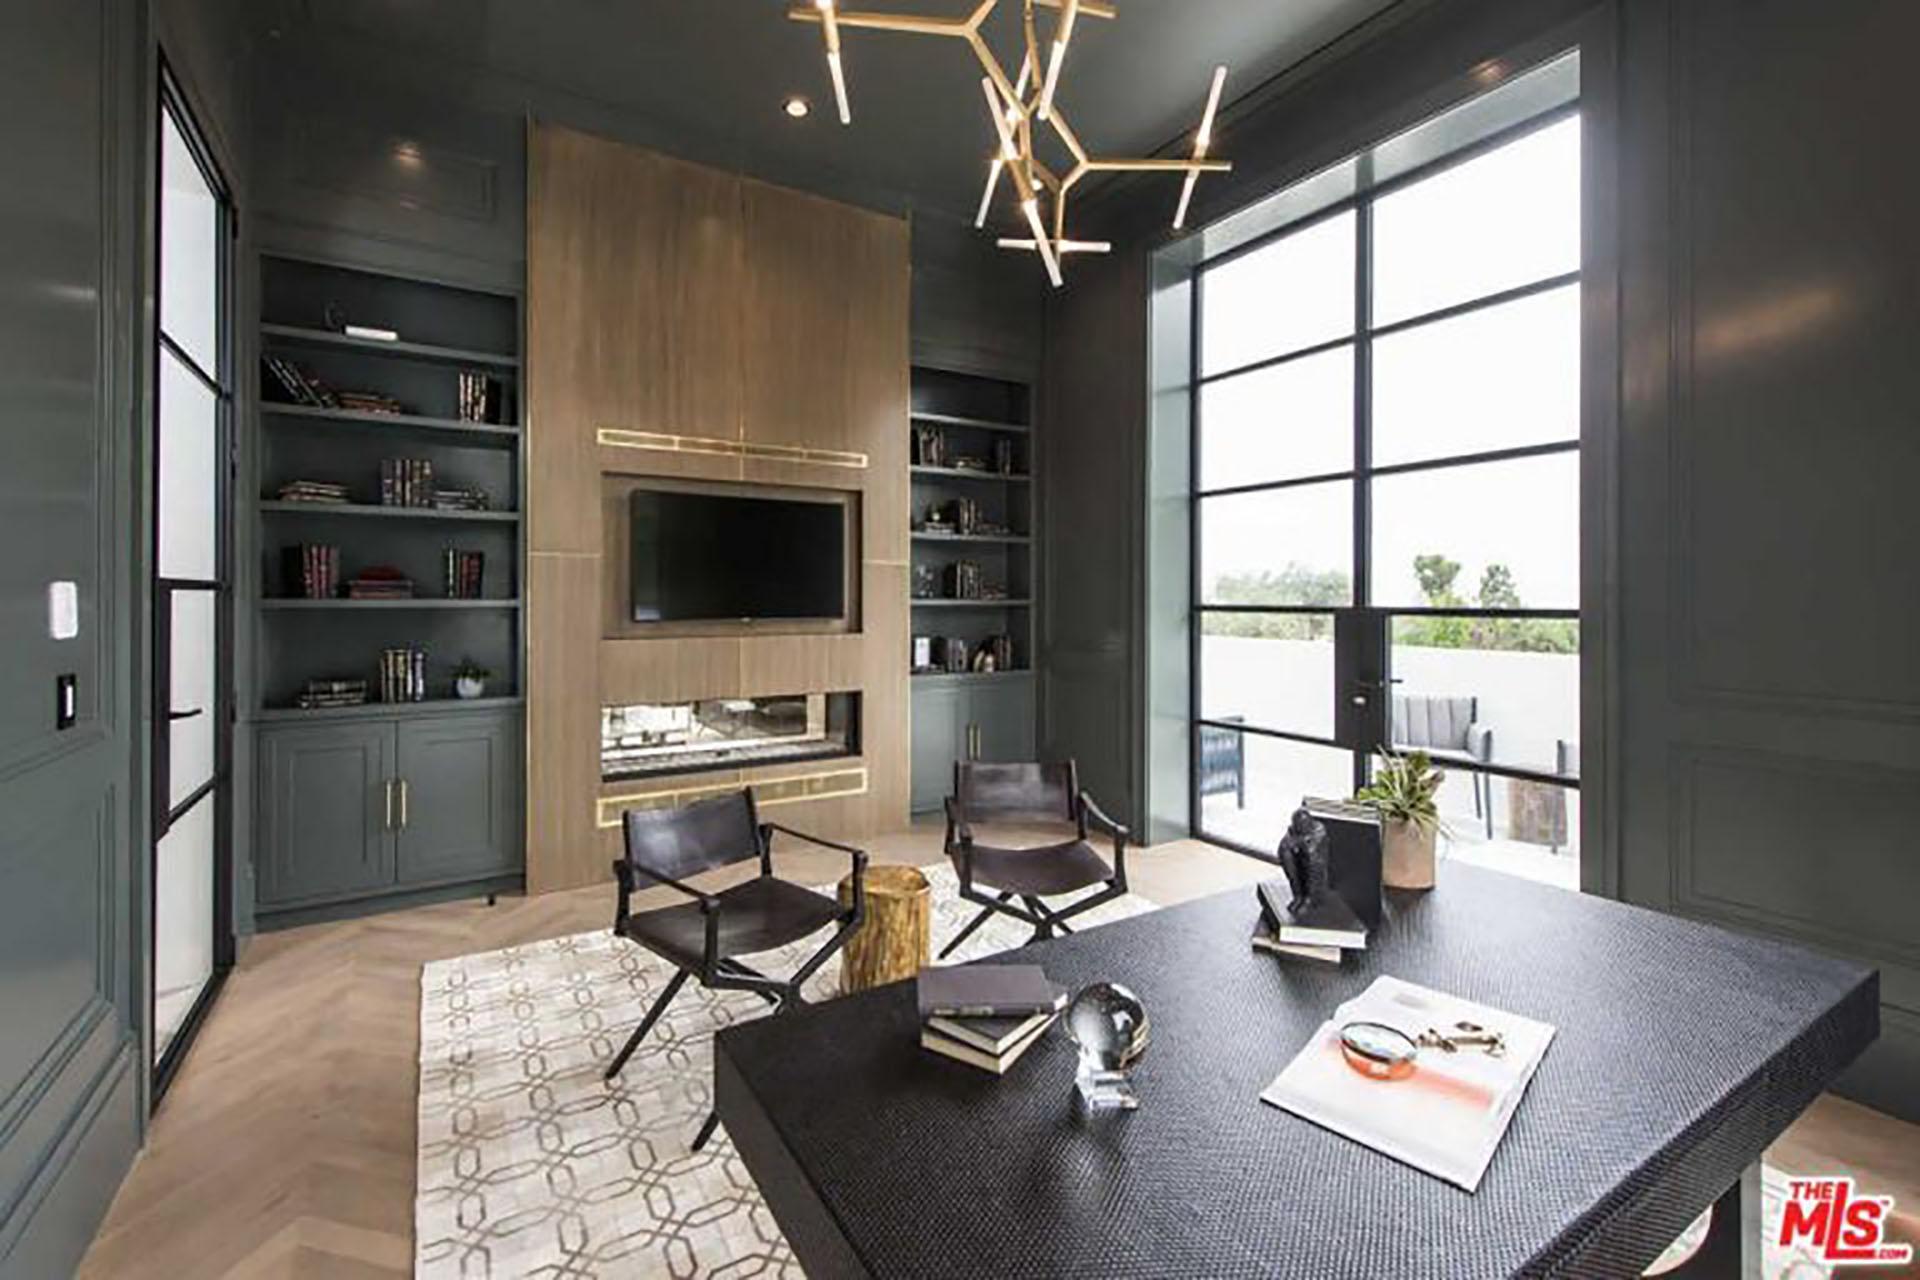 (MLS) La imponente mansión incluye un gimnasio cubierto y uno al aire libre, una sala de cine, una bodega y un spa